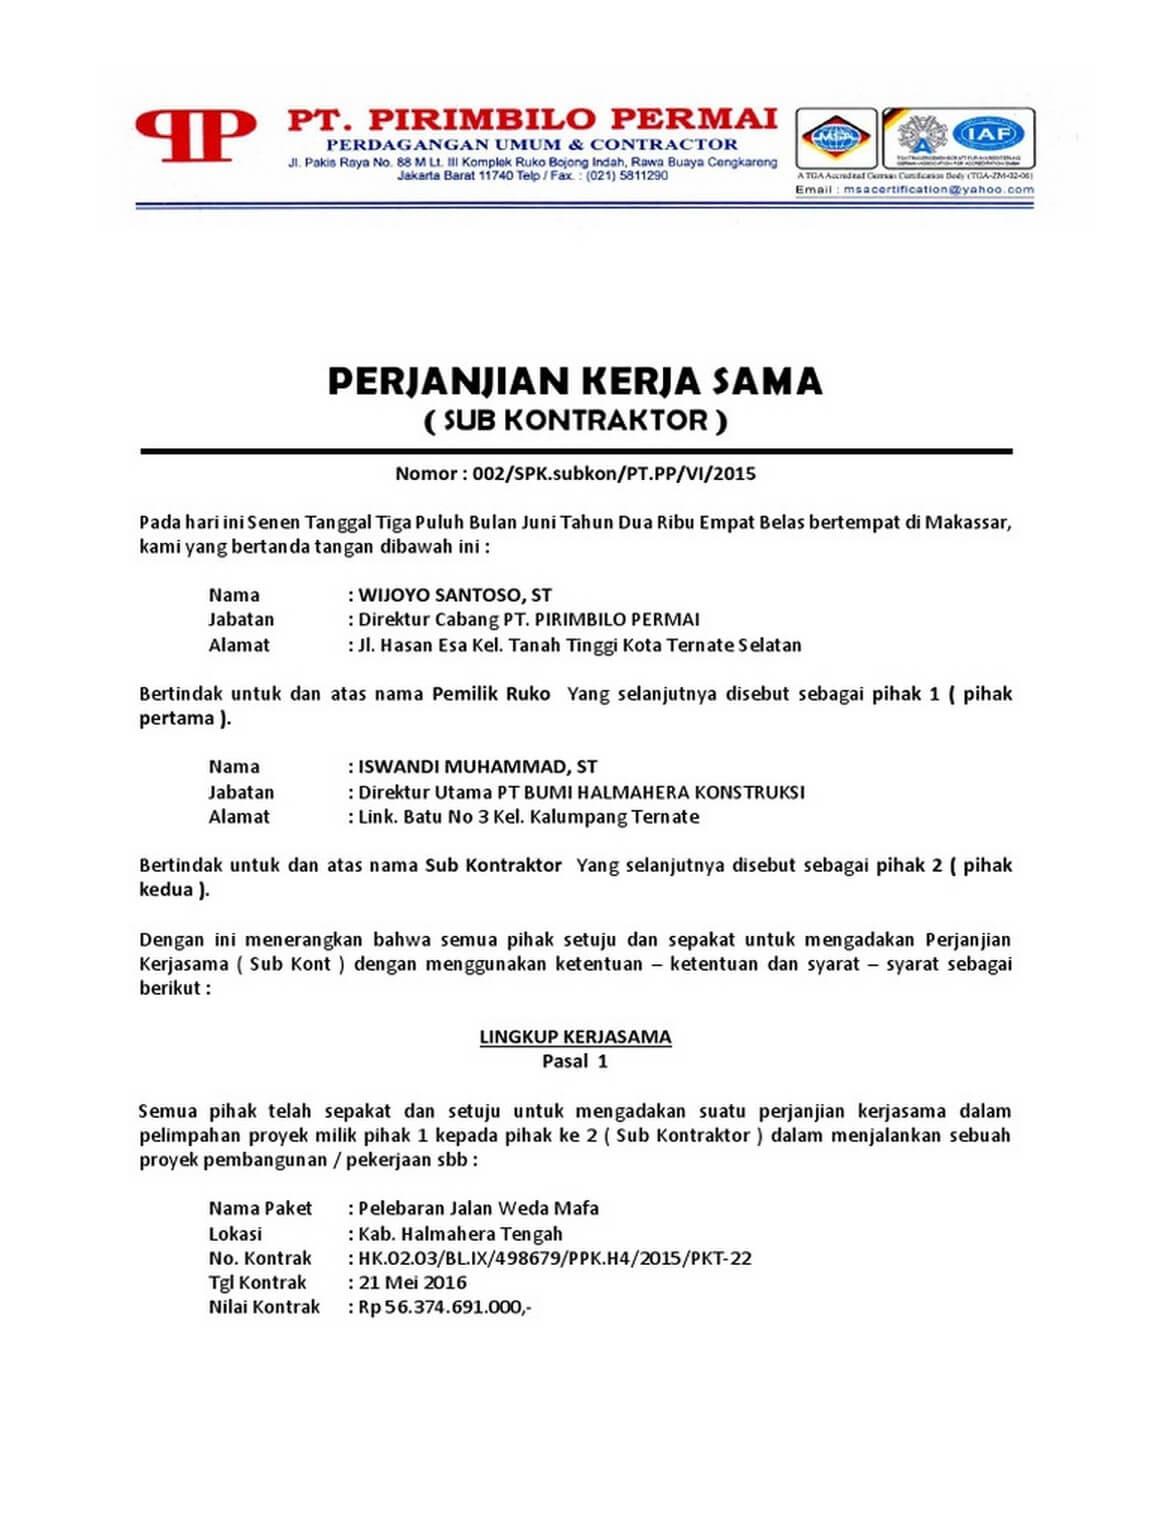 Contoh Surat Perjanjian Kerja Proyek